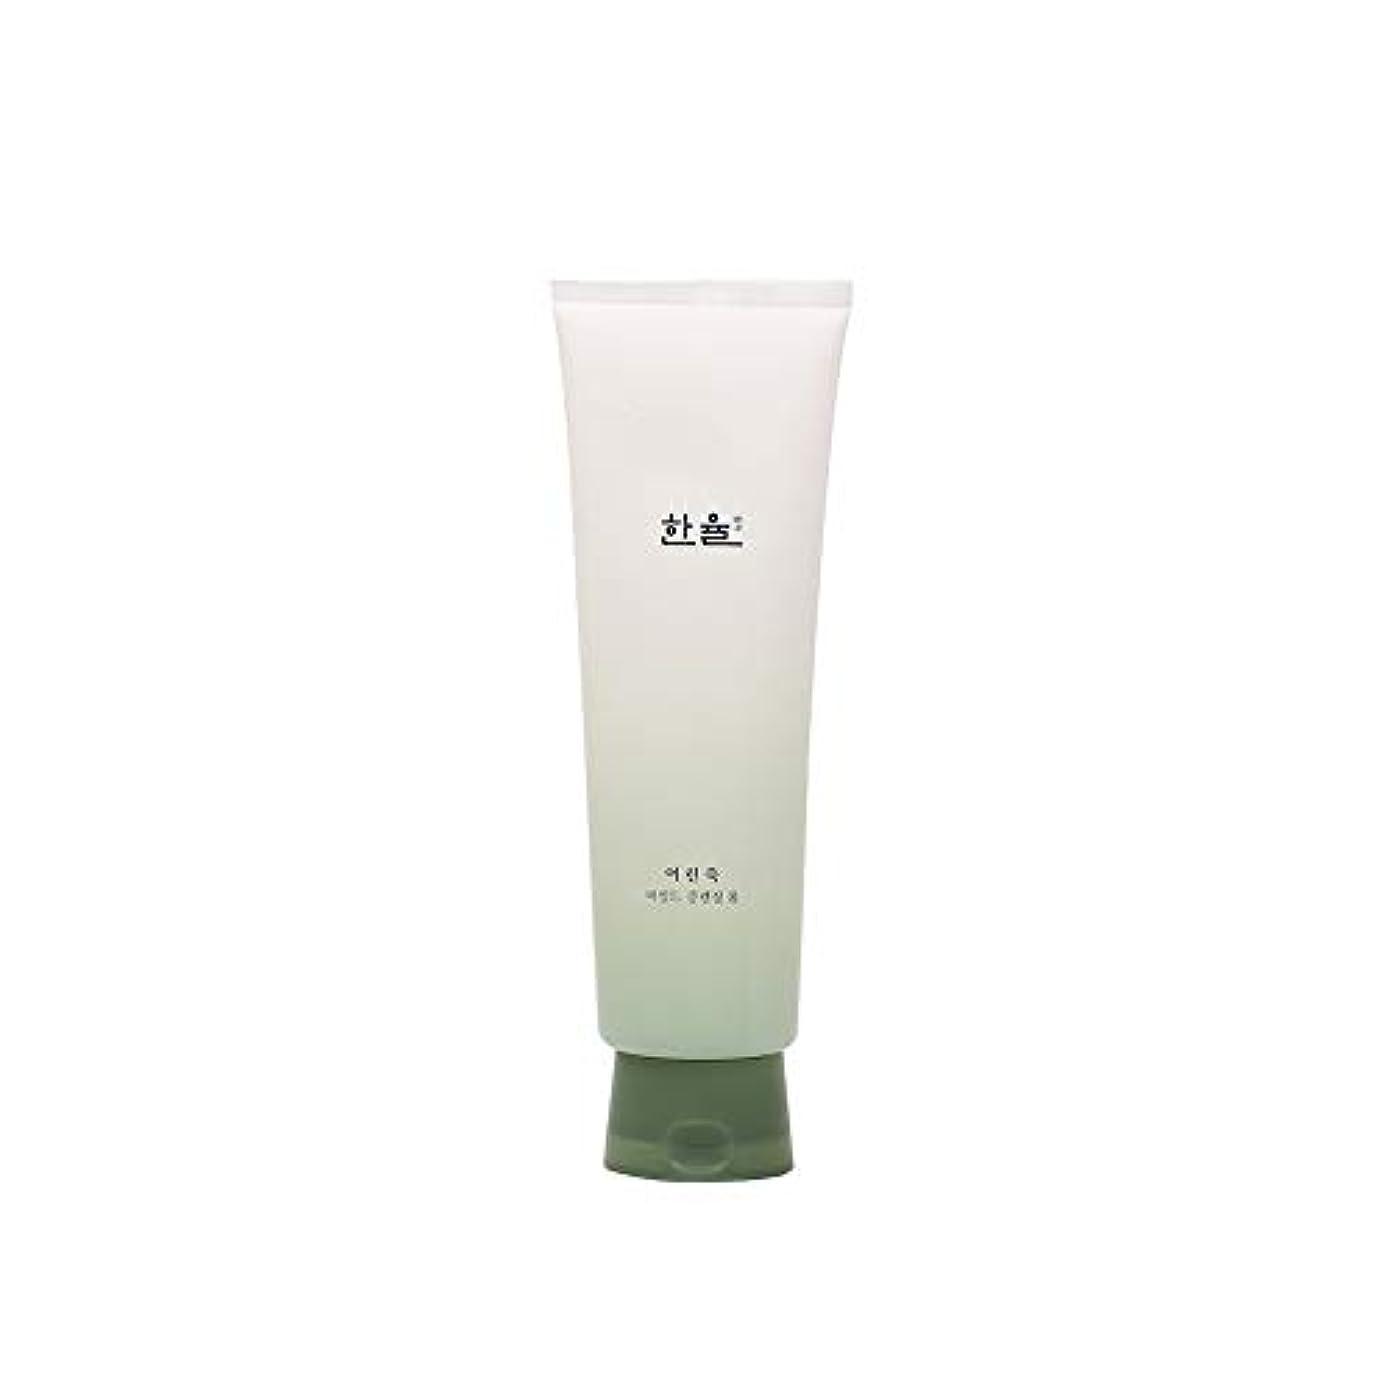 ごちそう分散連合【HANYUL公式】 ハンユル ヨモギマイルドクレンジングフォーム 170ml / anyul Pure Artemisia Mild cleansing foam 170ml